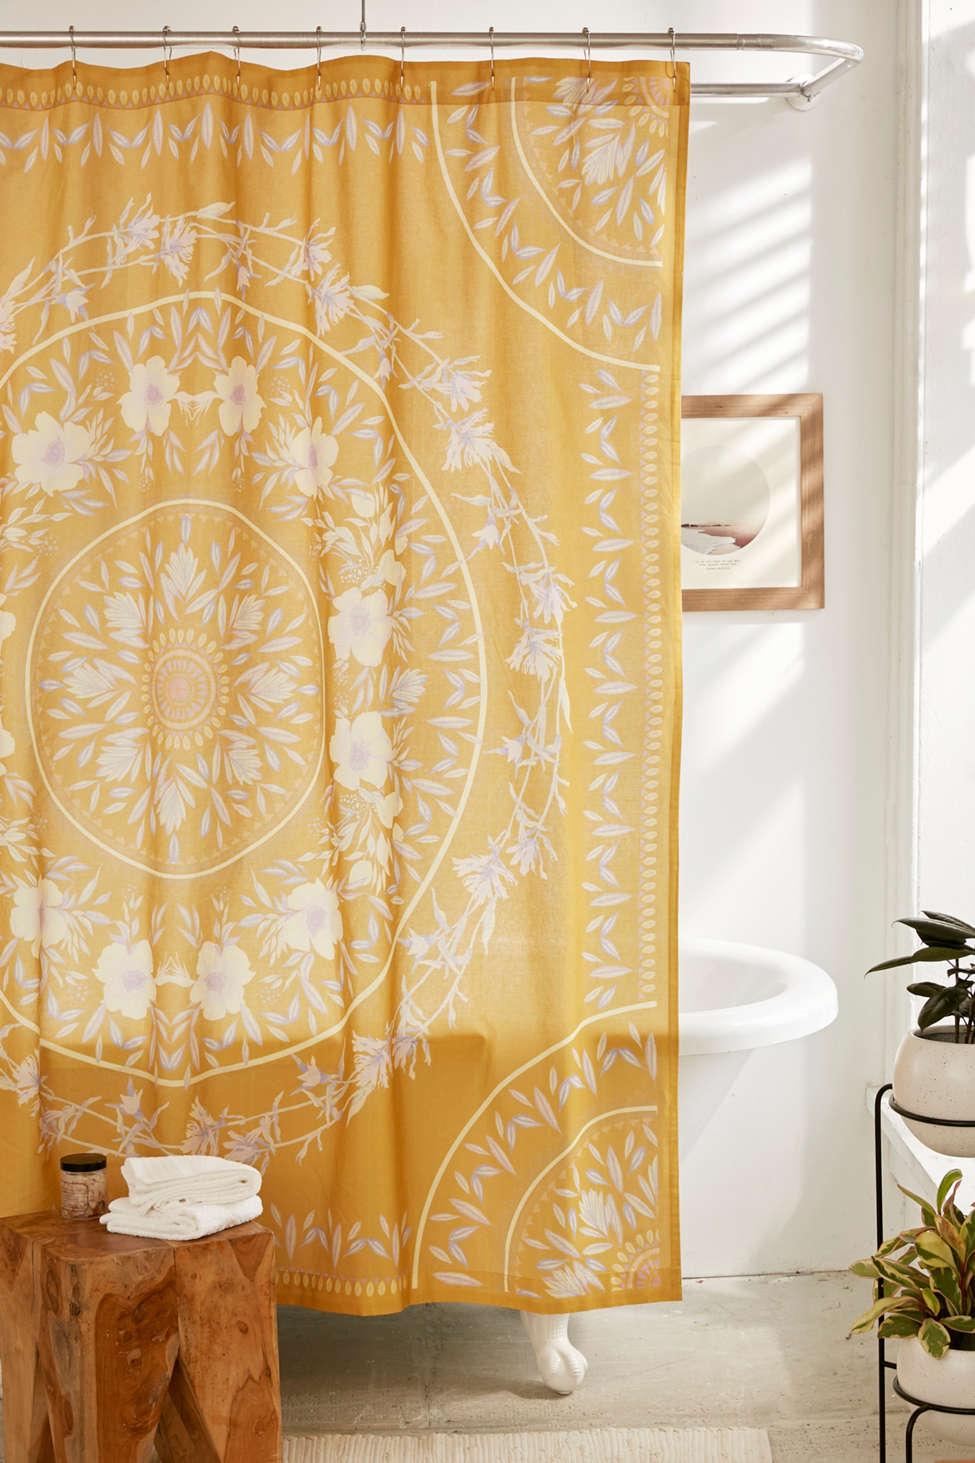 Slide View: 1: Sketched Floral Medallion Shower Curtain